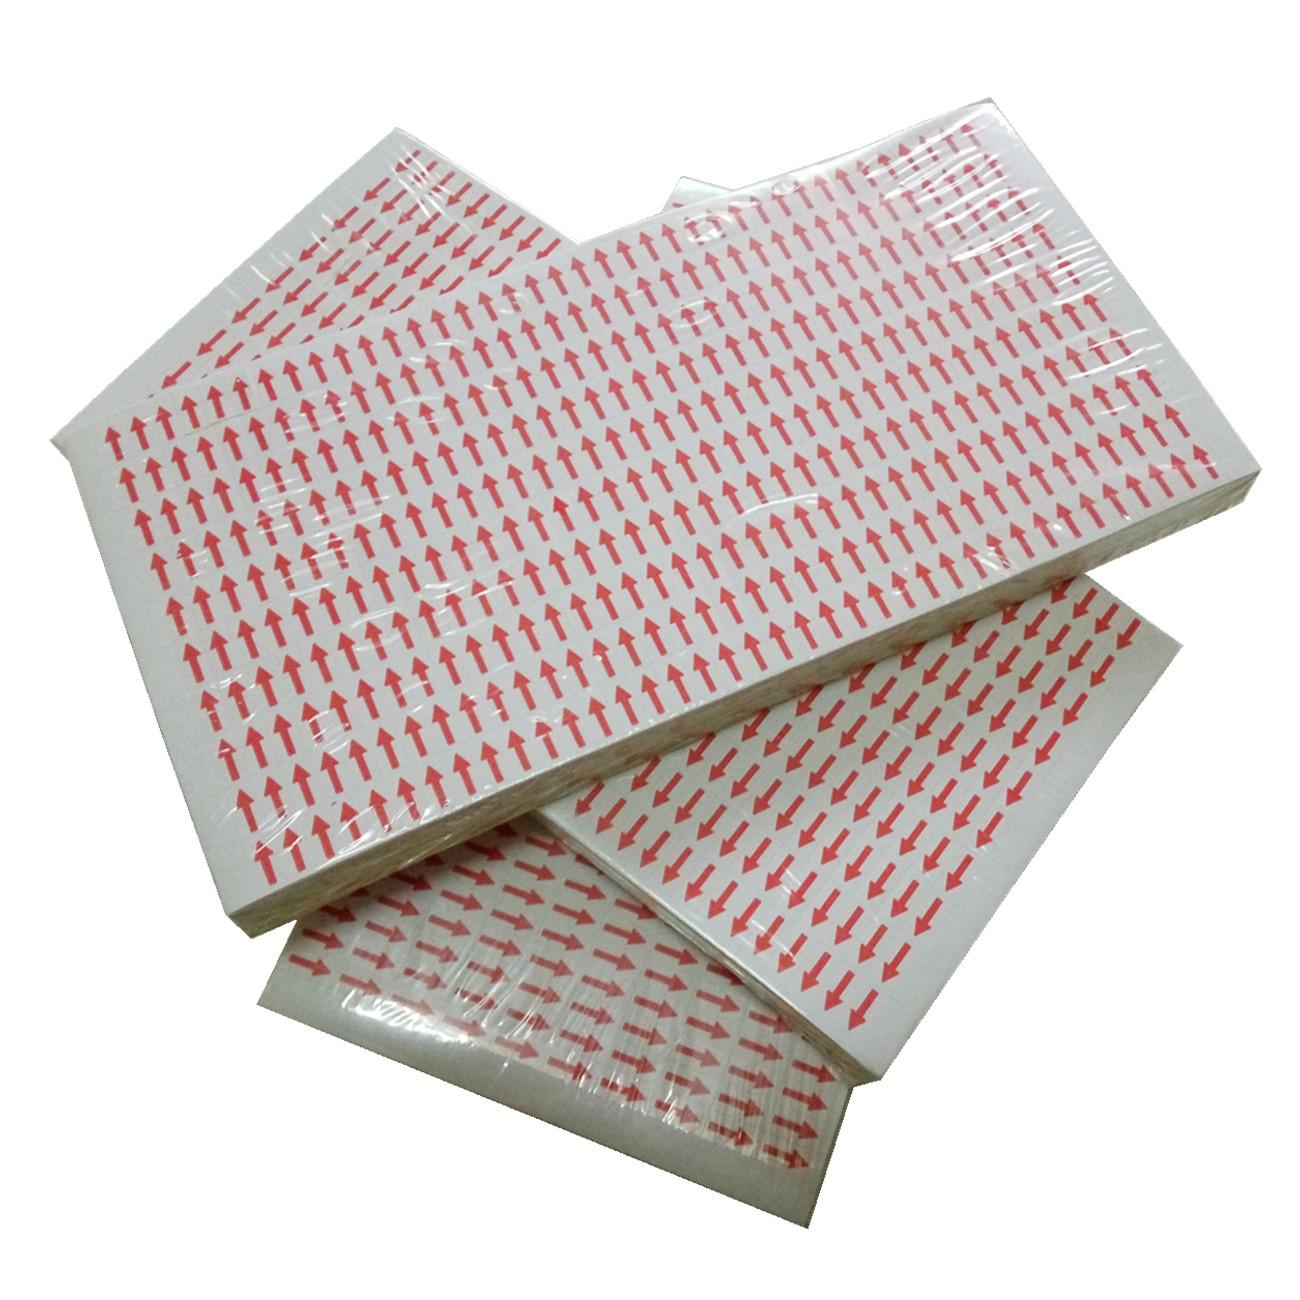 不干胶标签贴纸  不良品红色小箭头  返工纸标签小标贴一张380个